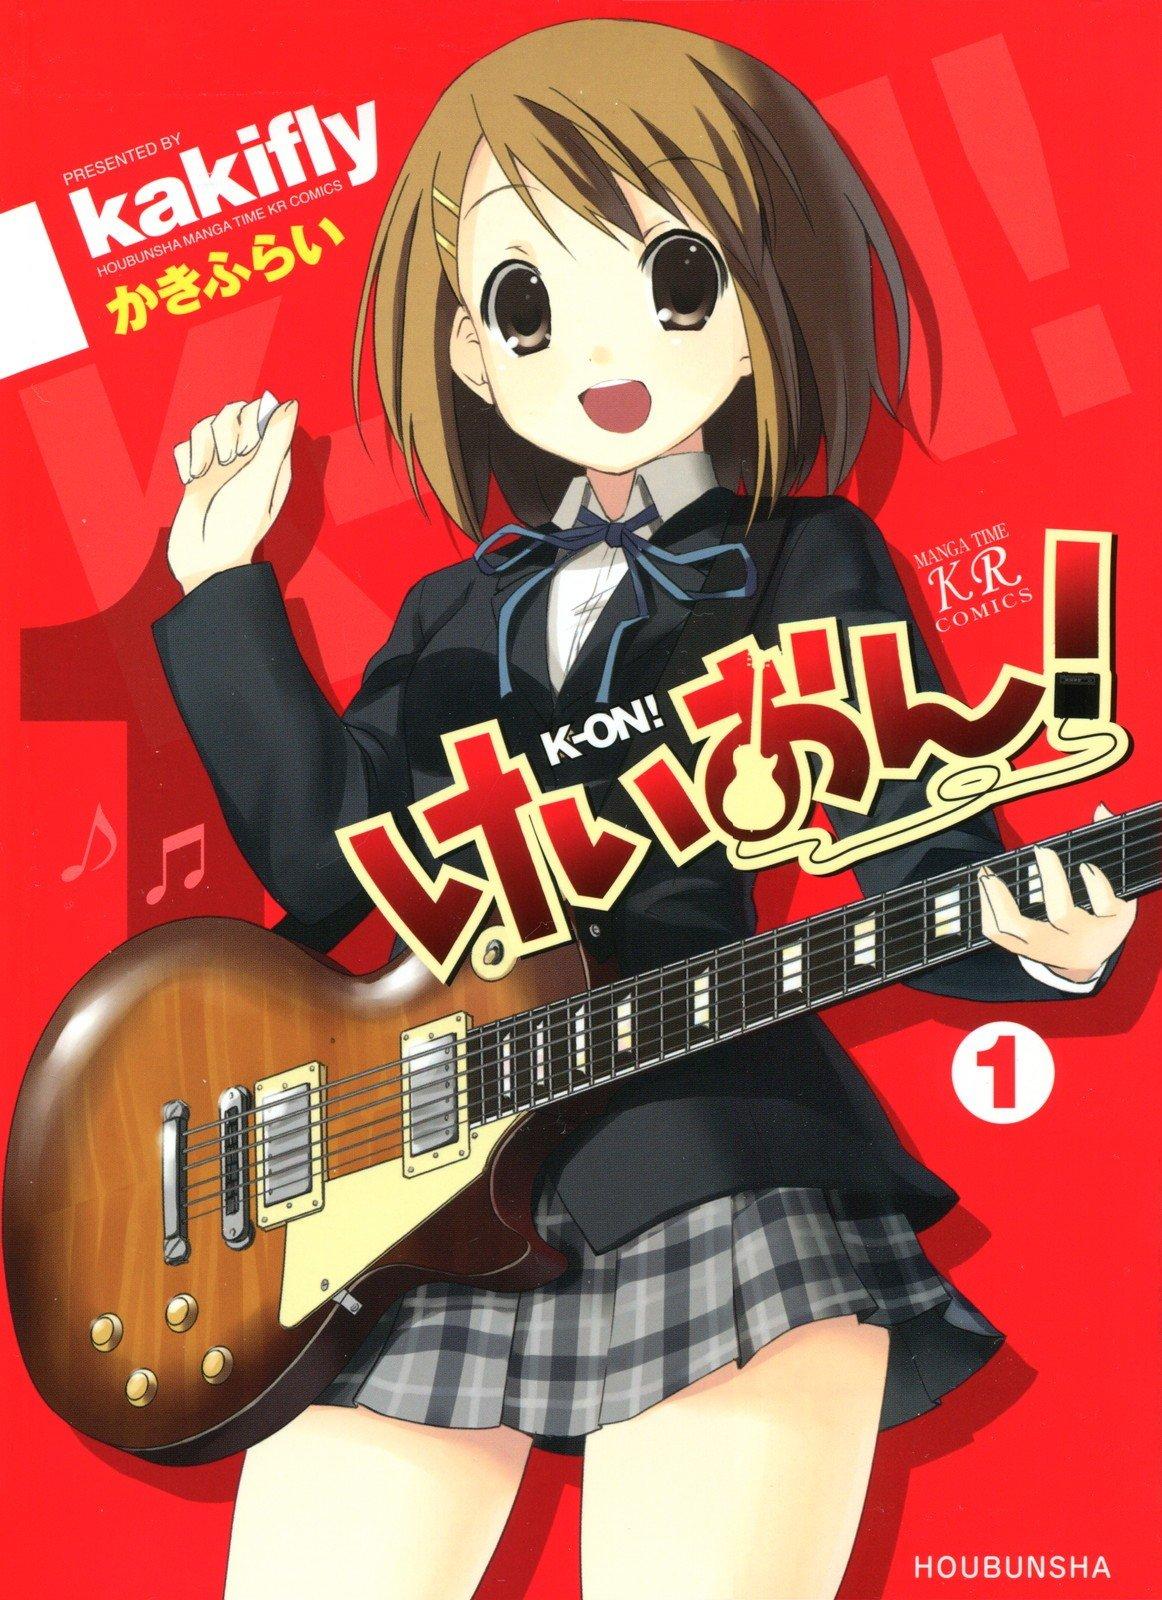 【漫画】【完结】《K-ON!轻音少女》百度网盘下载